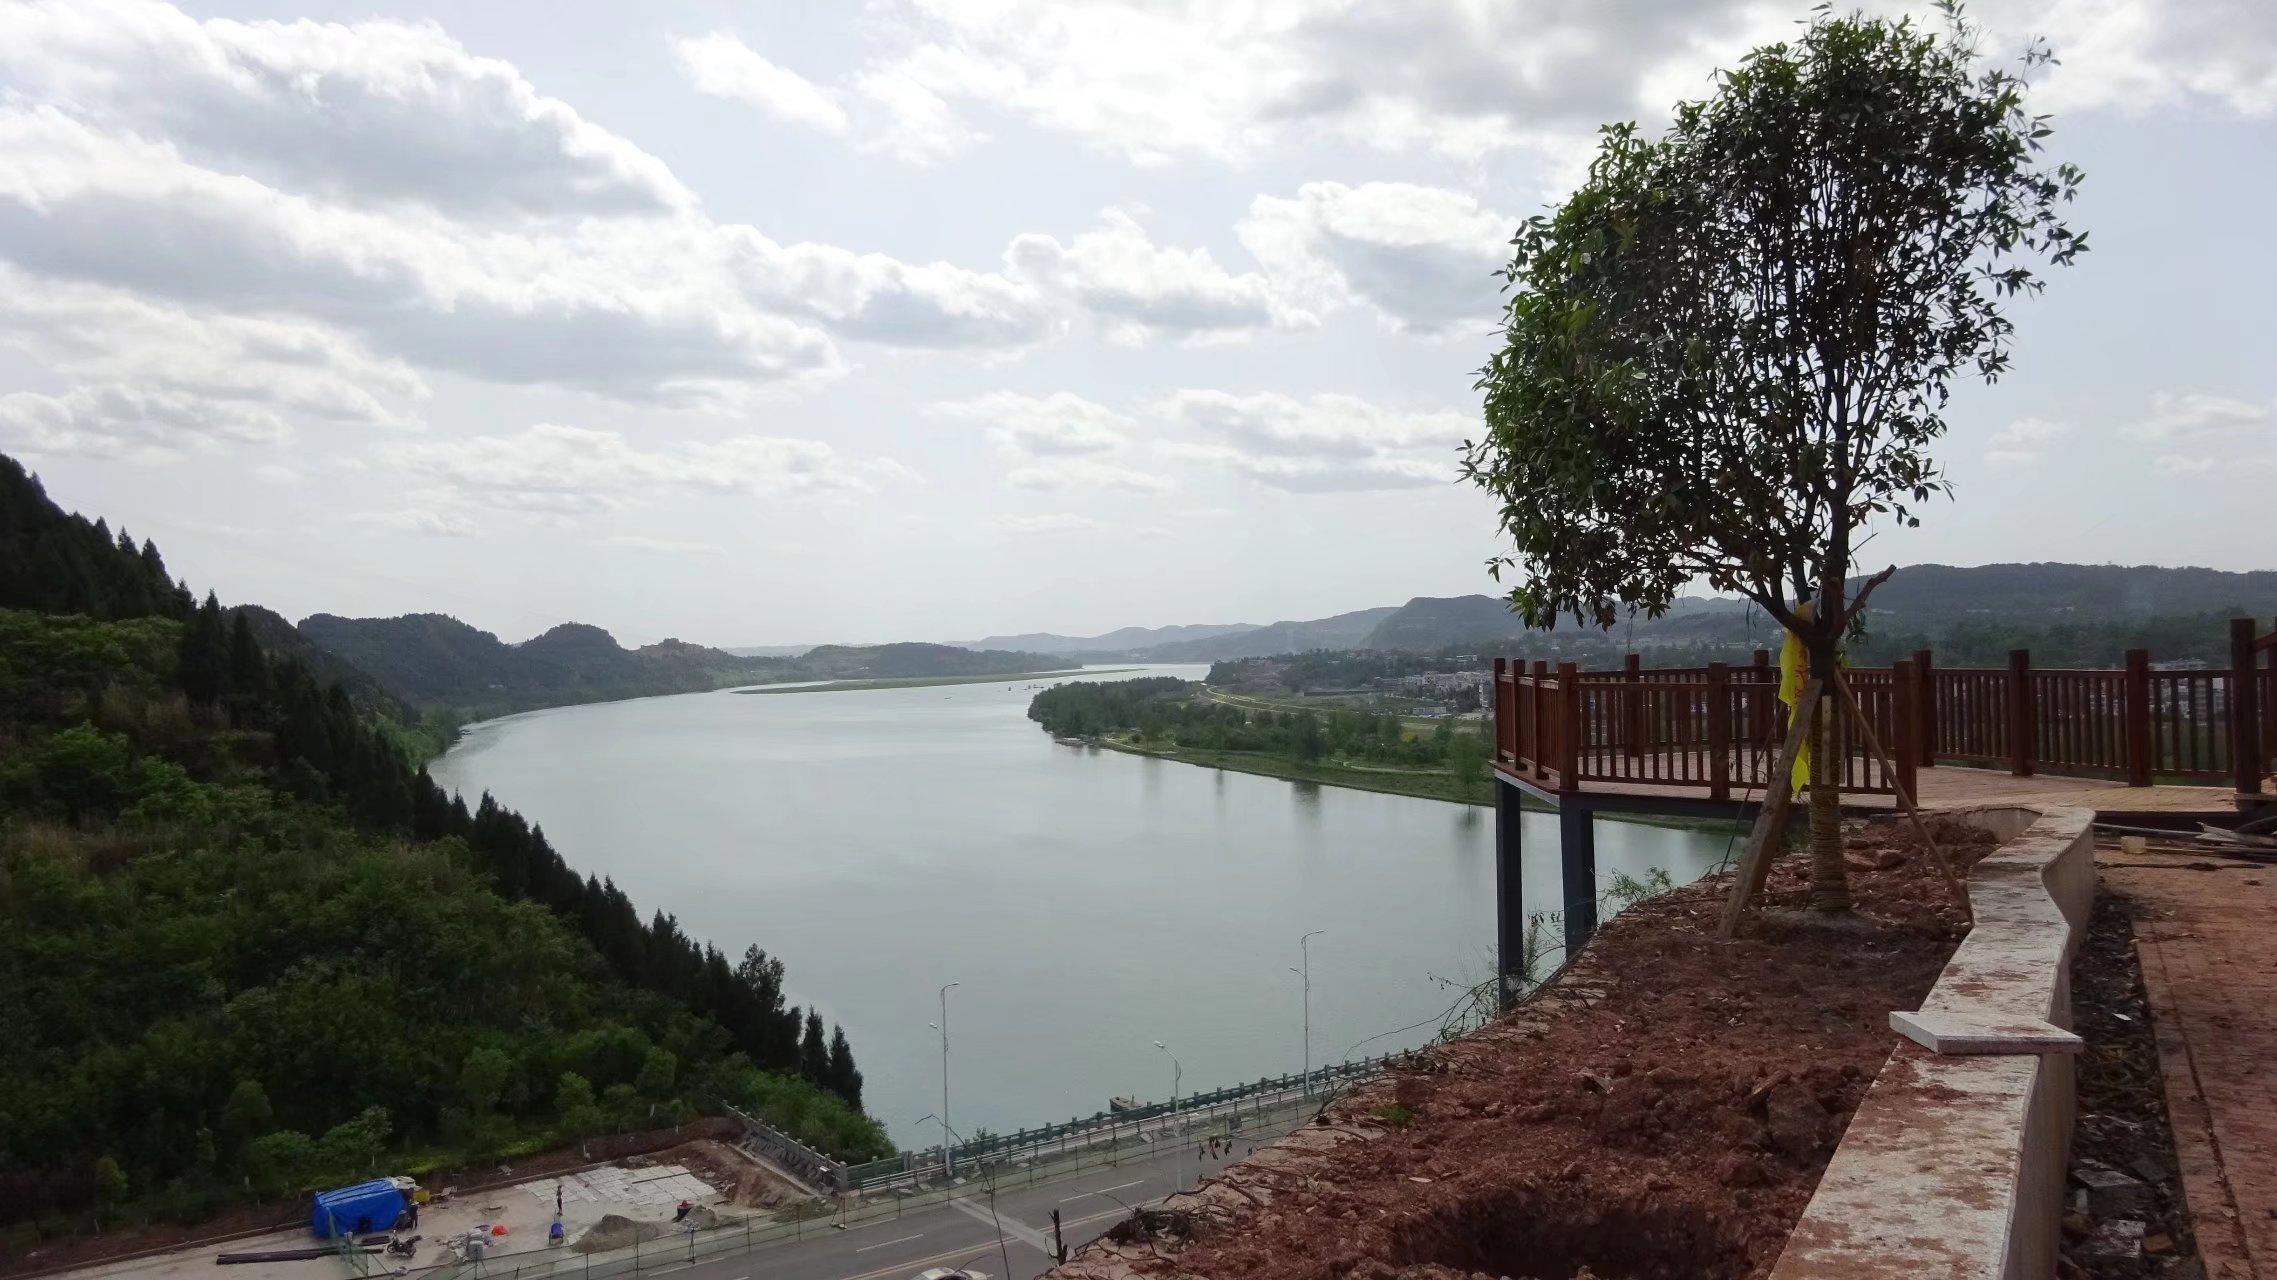 蓬安桑梓火锅公园施工进度(2018-05-10) - 第19张    蓬安在线